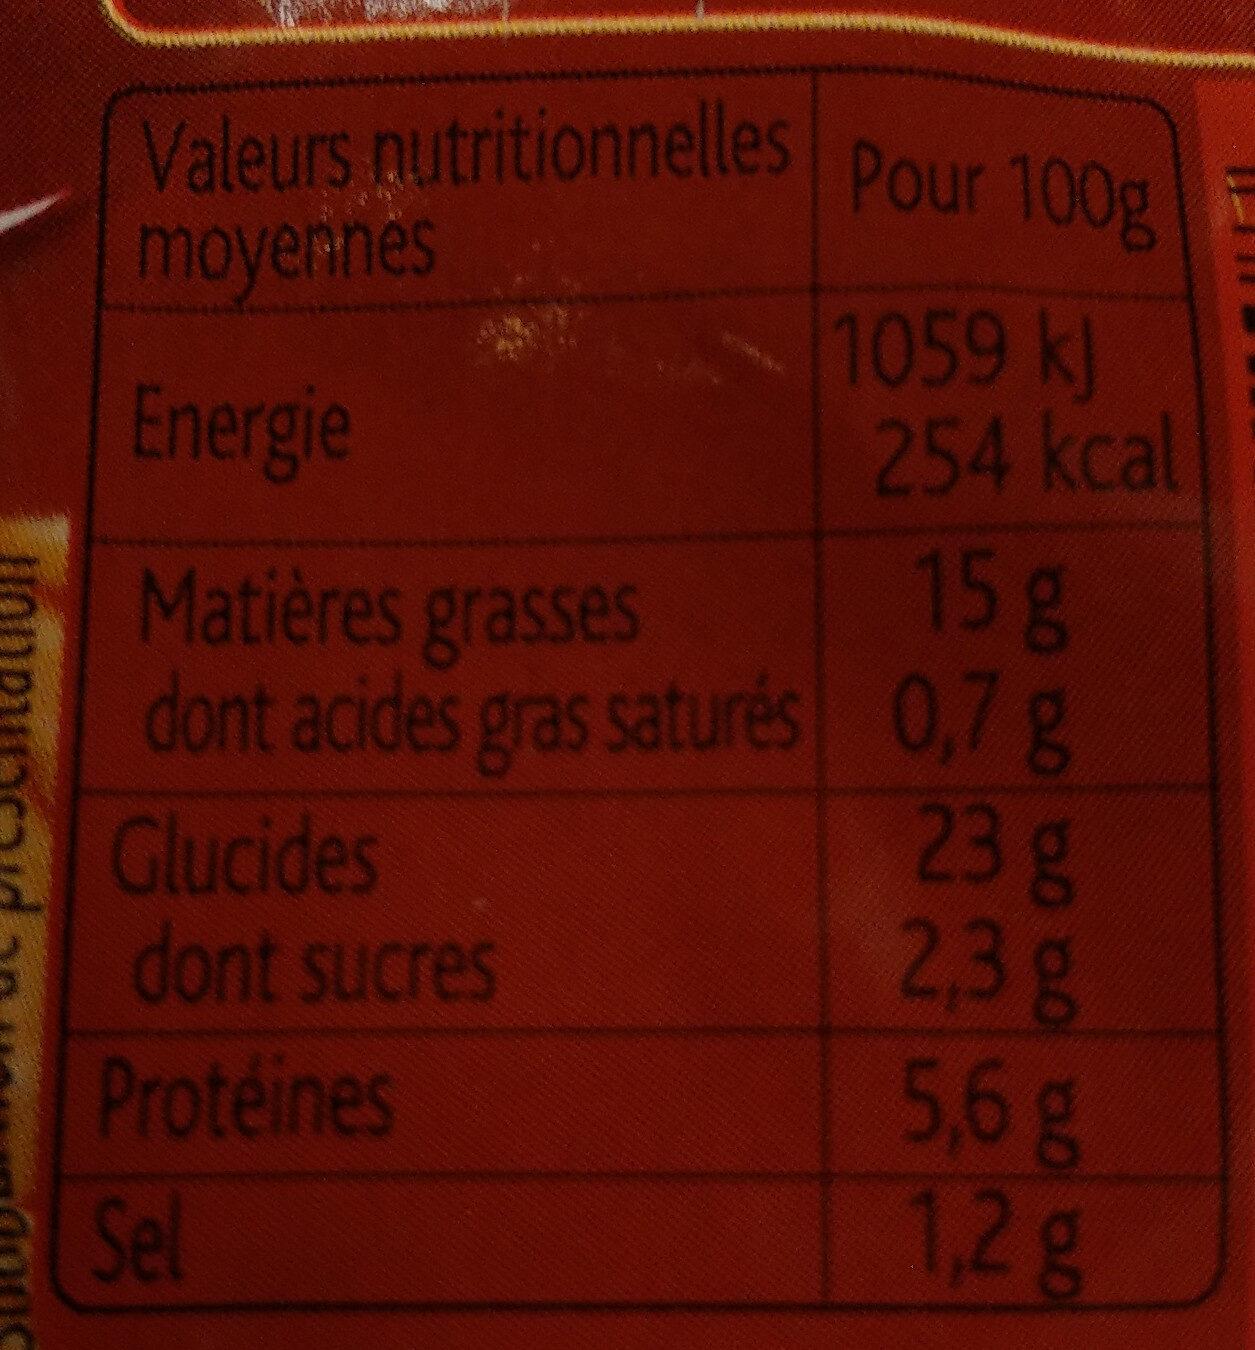 Bûchettes patissières - Informations nutritionnelles